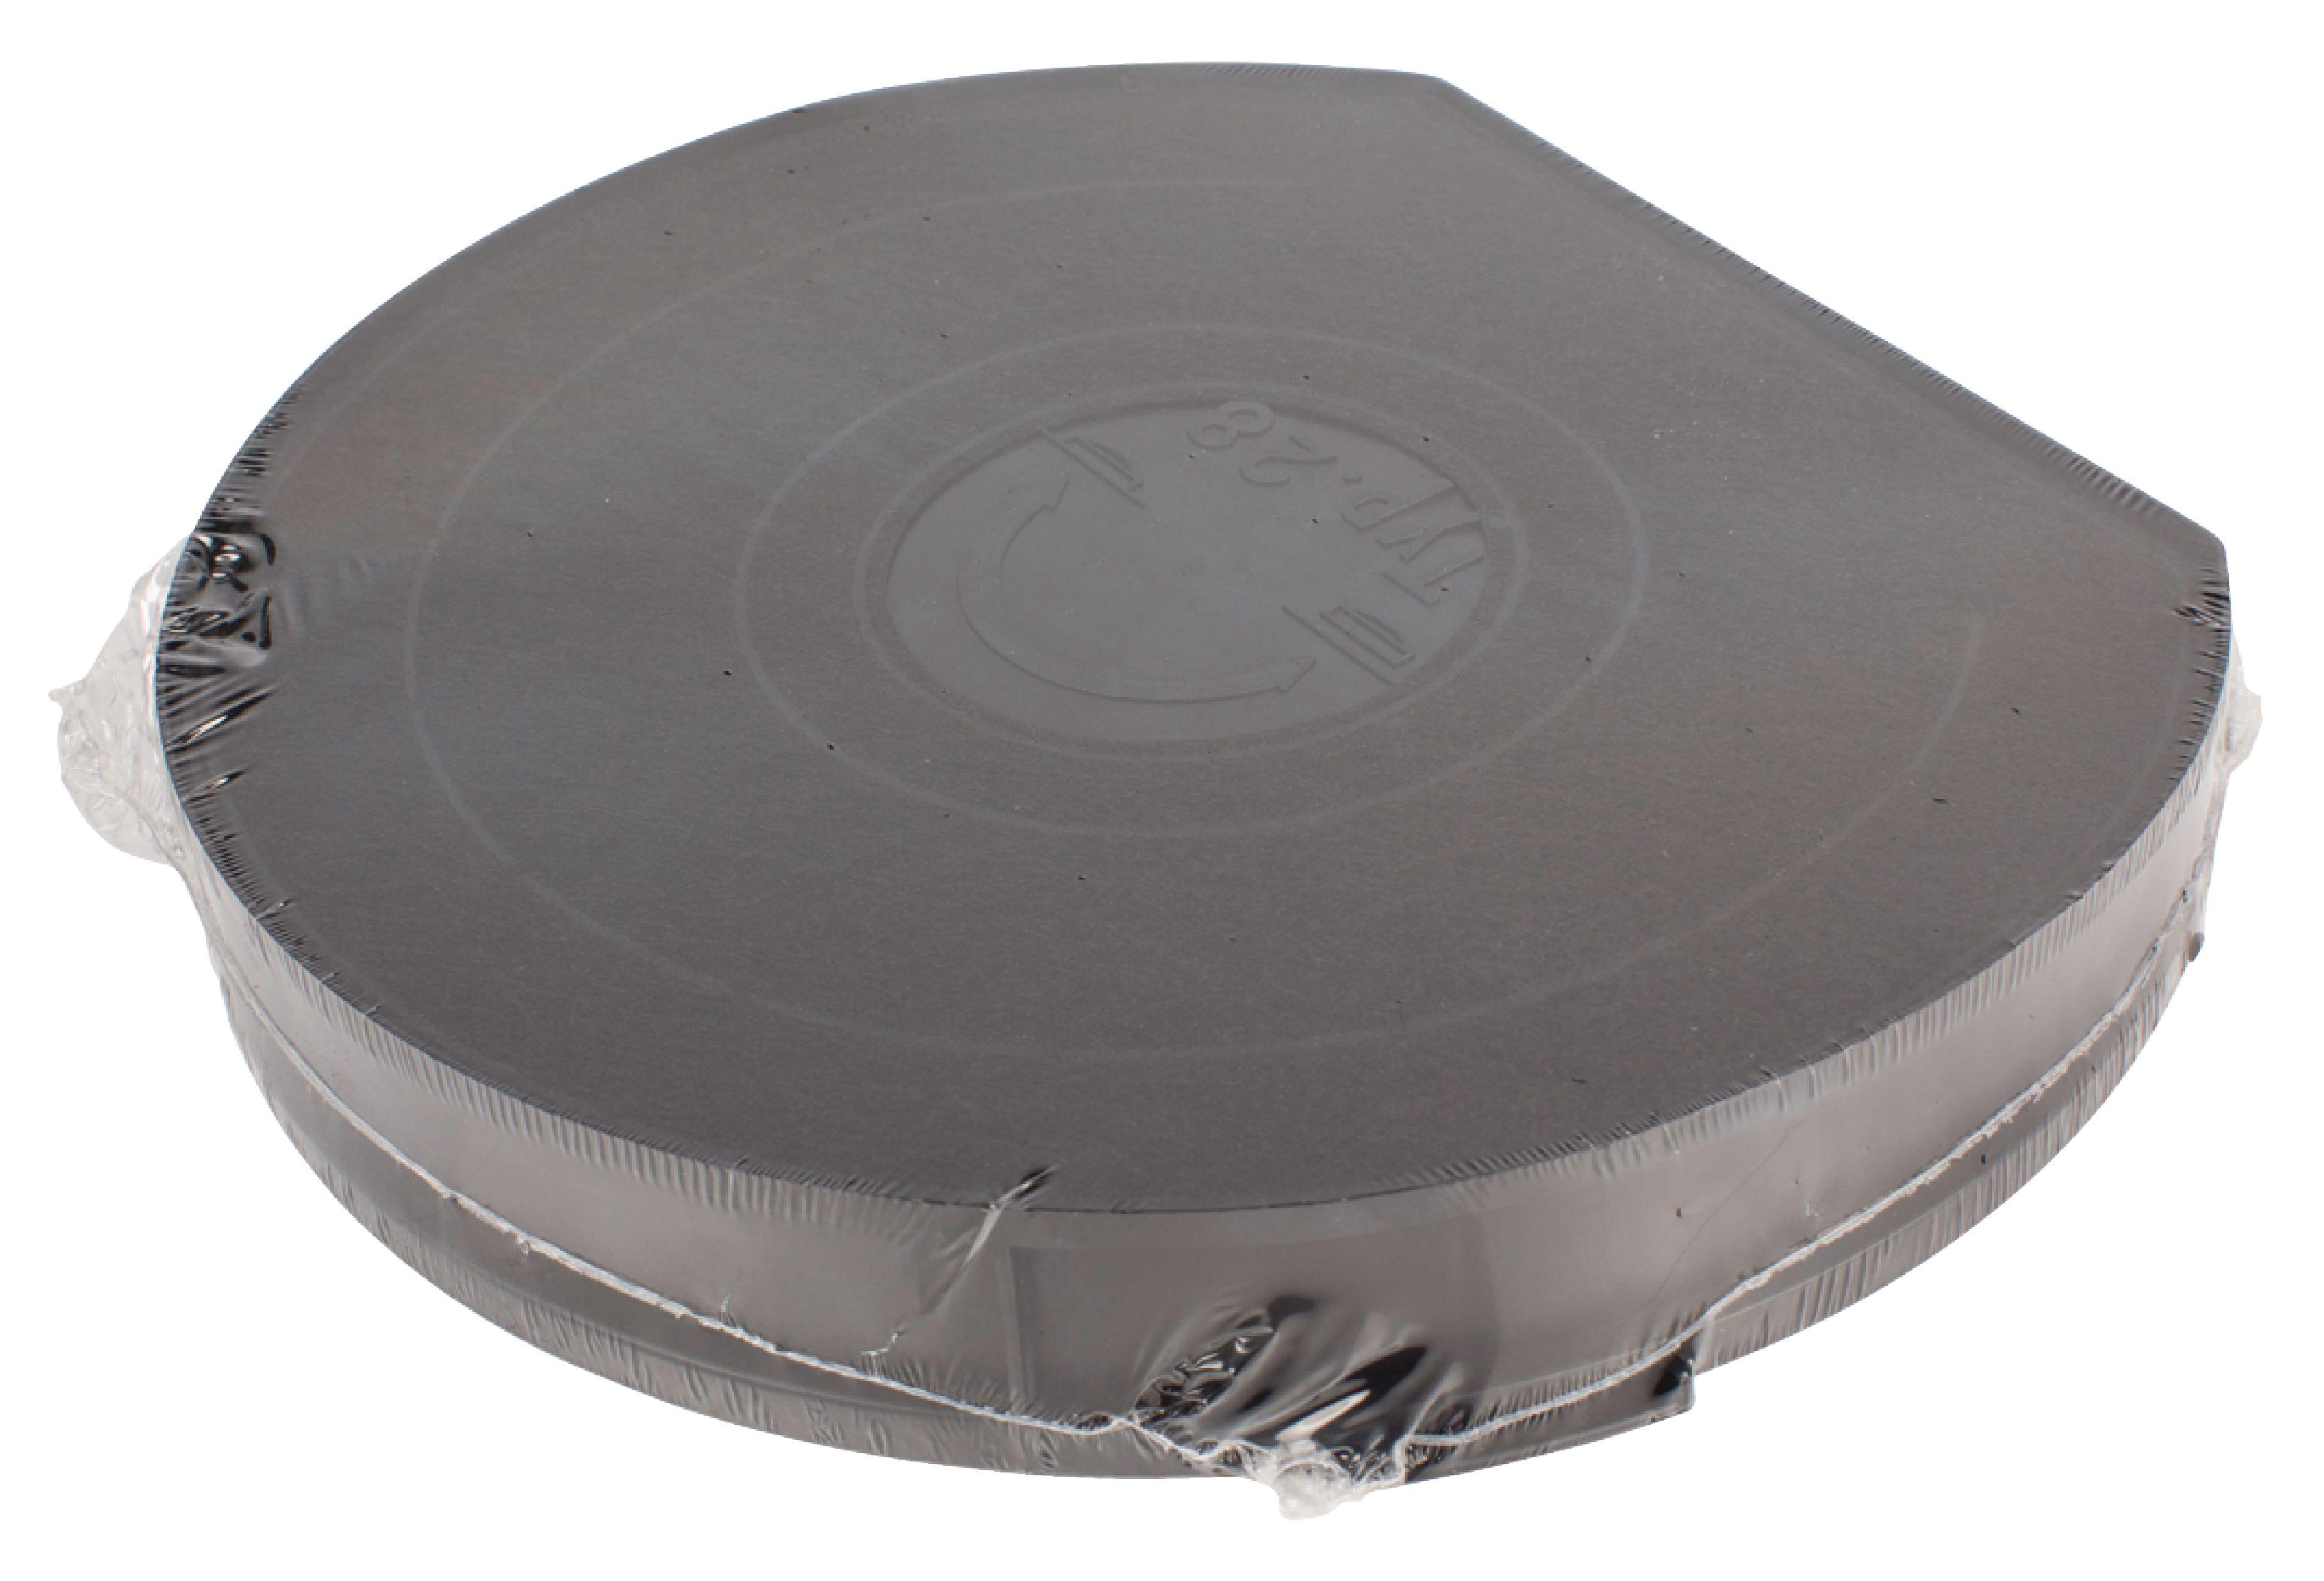 Uhlíkový filtr do digestoře, Ø 24 cm Electrolux 9029793727